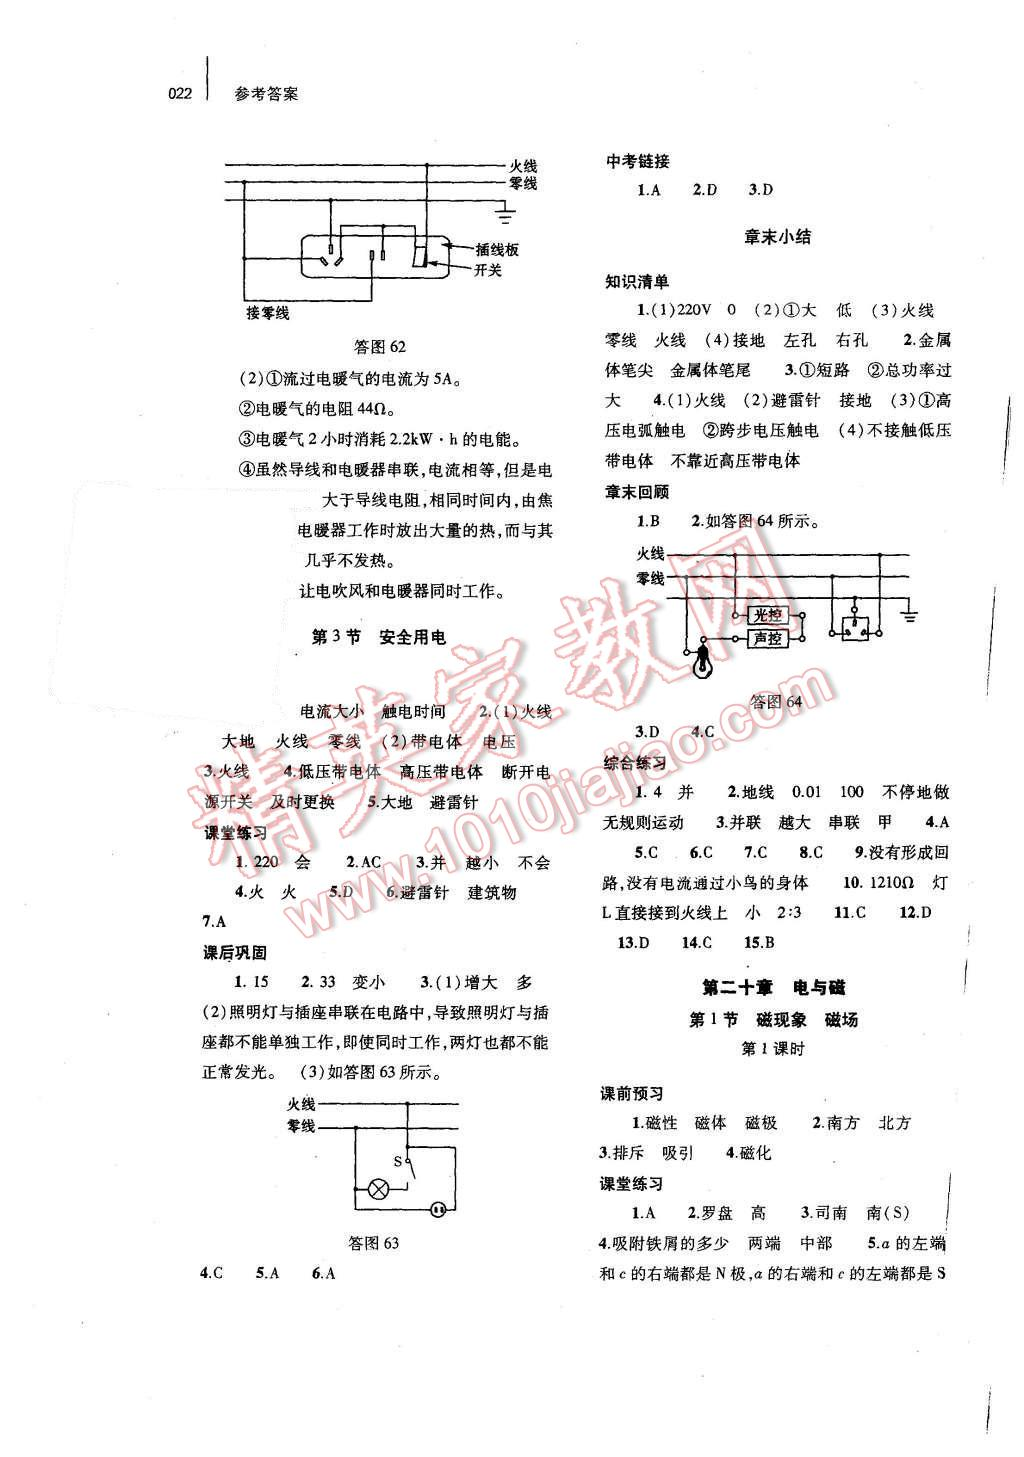 2015年基础训练九年级物理全一册人教版河南省内使用参考答案第34页